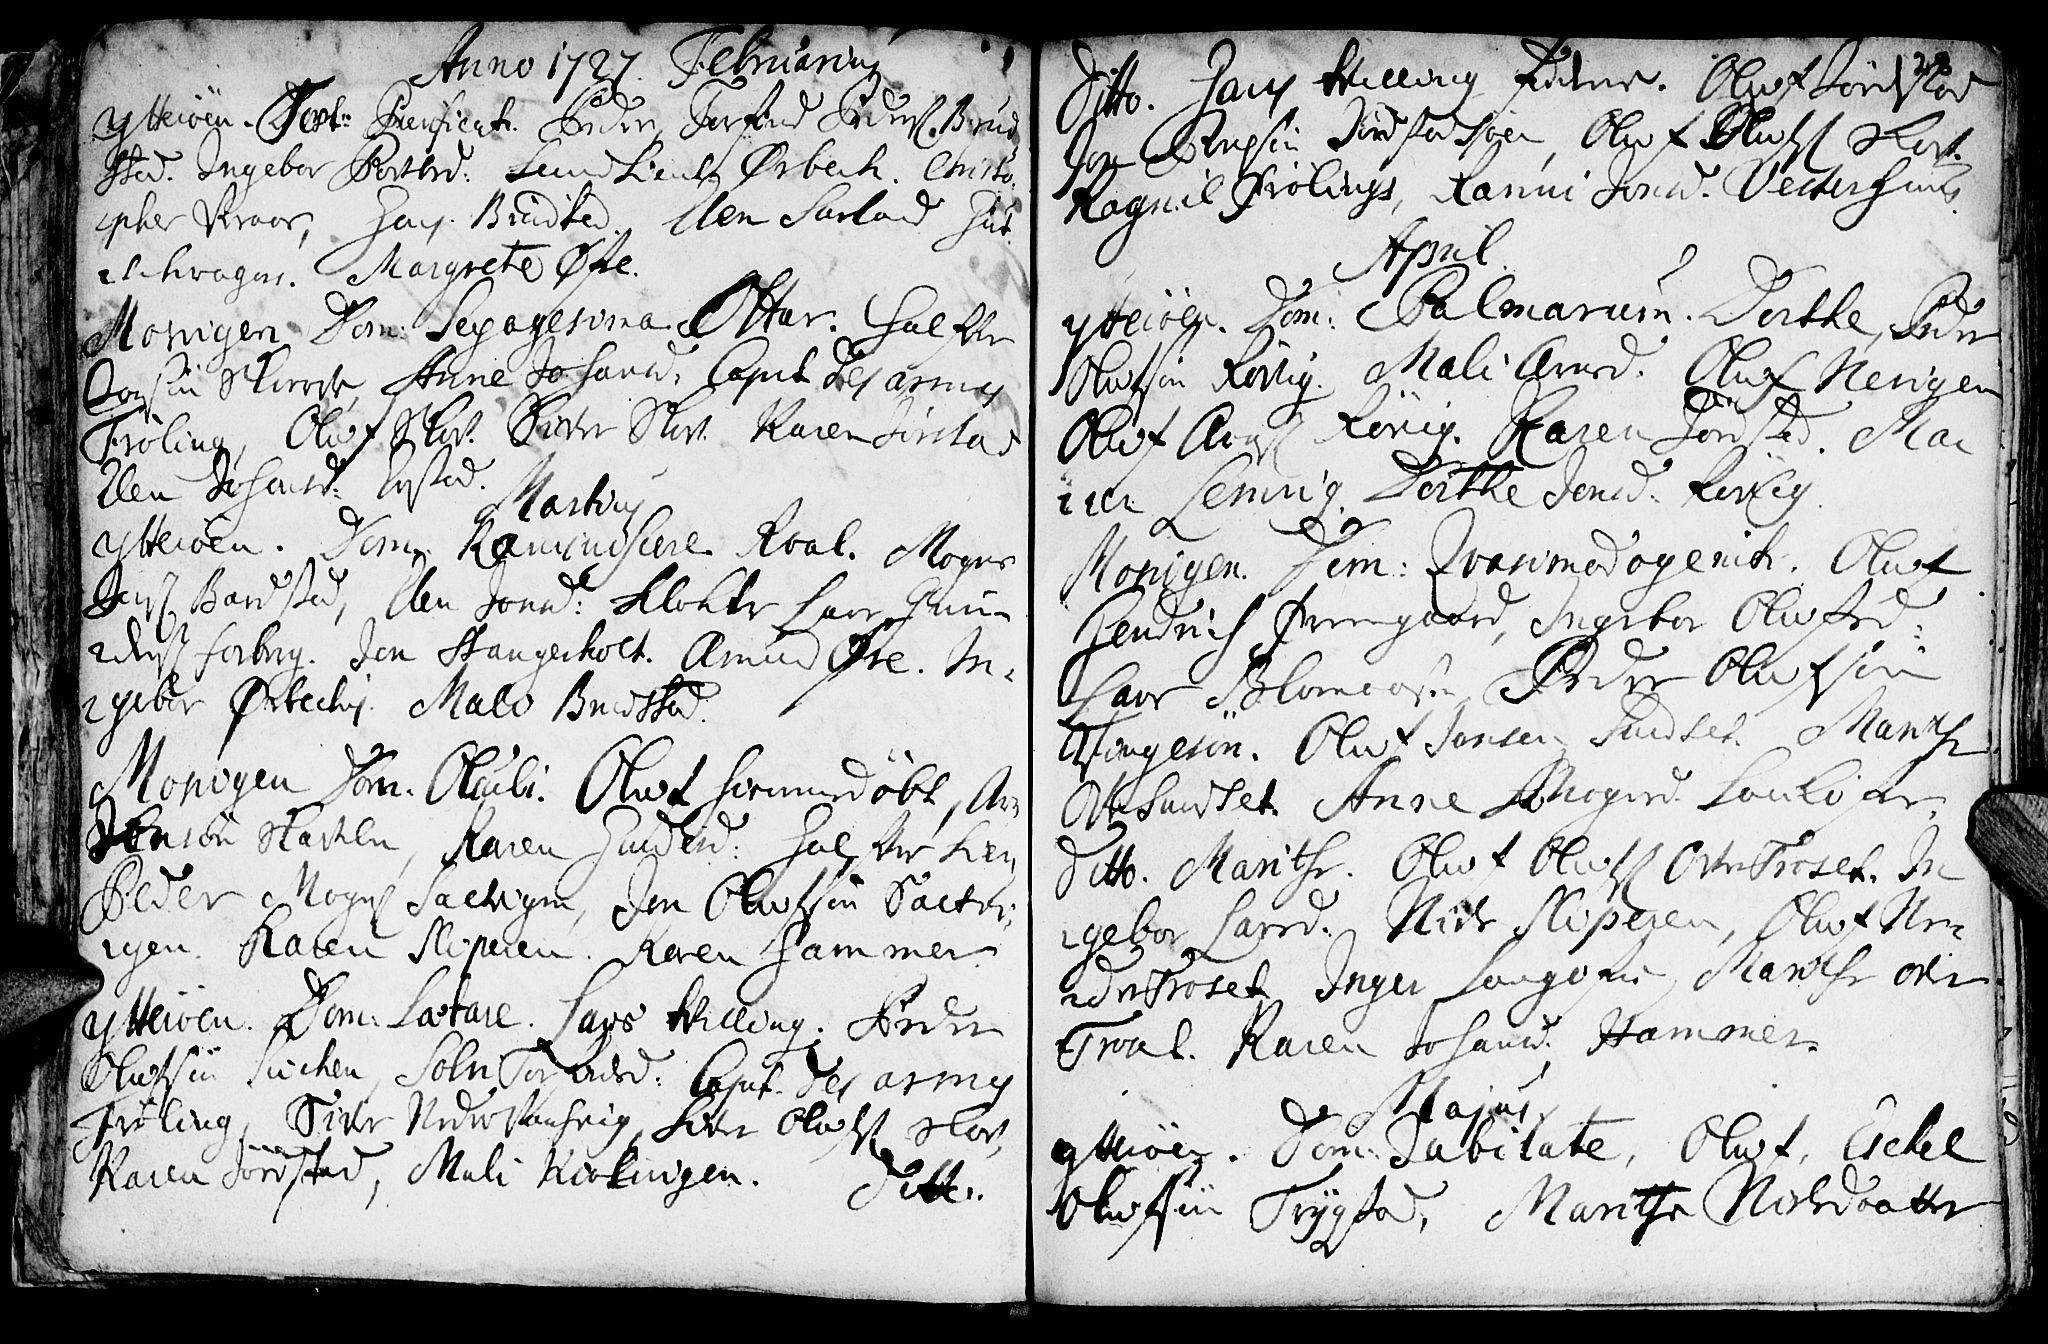 SAT, Ministerialprotokoller, klokkerbøker og fødselsregistre - Nord-Trøndelag, 722/L0215: Ministerialbok nr. 722A02, 1718-1755, s. 28